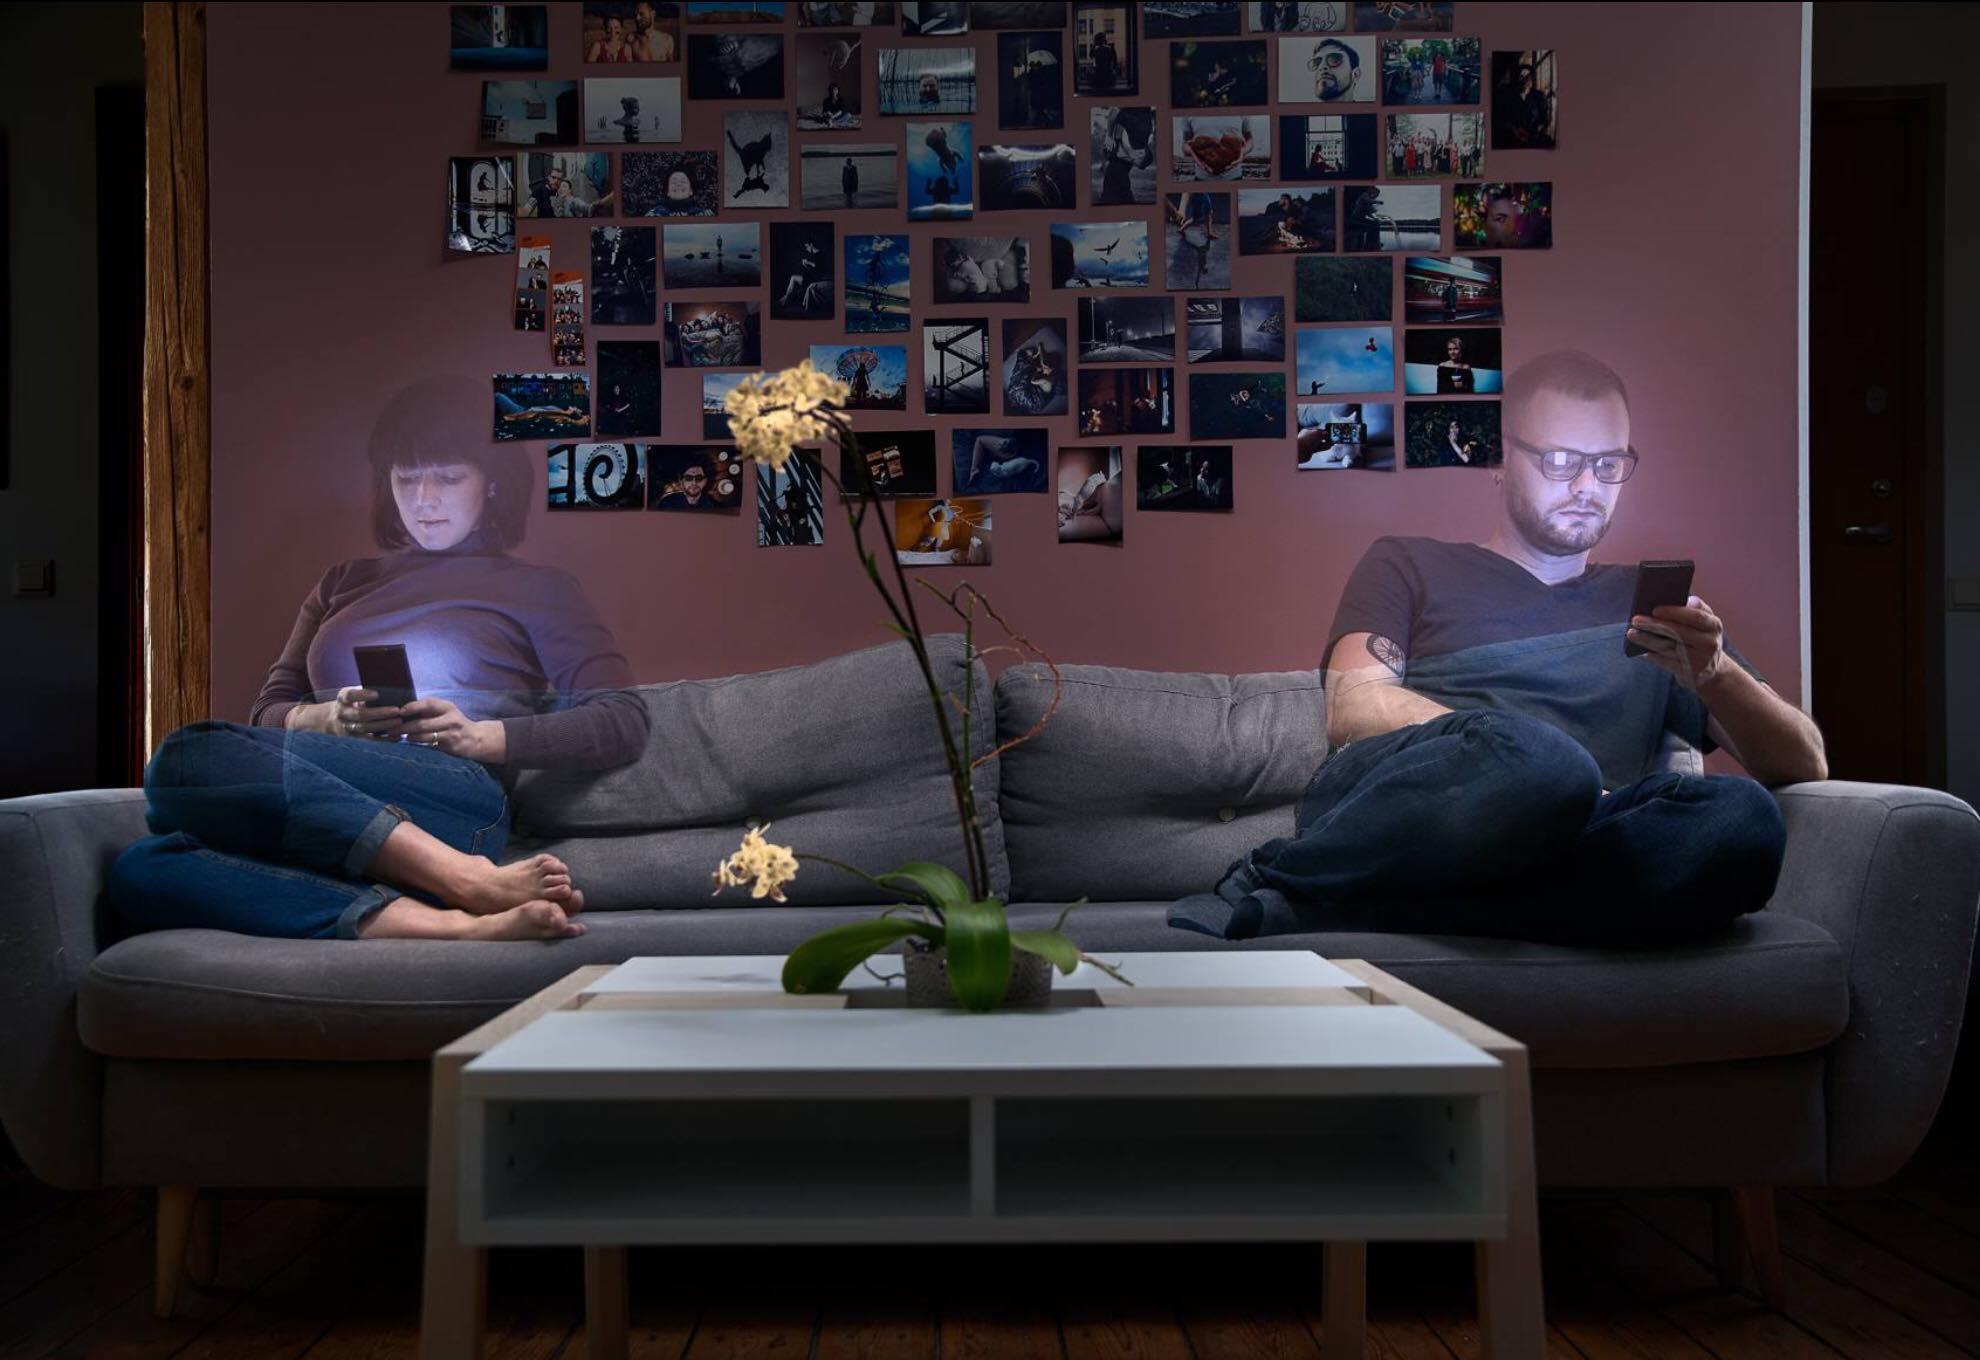 Бути відсутнім: online - offlife